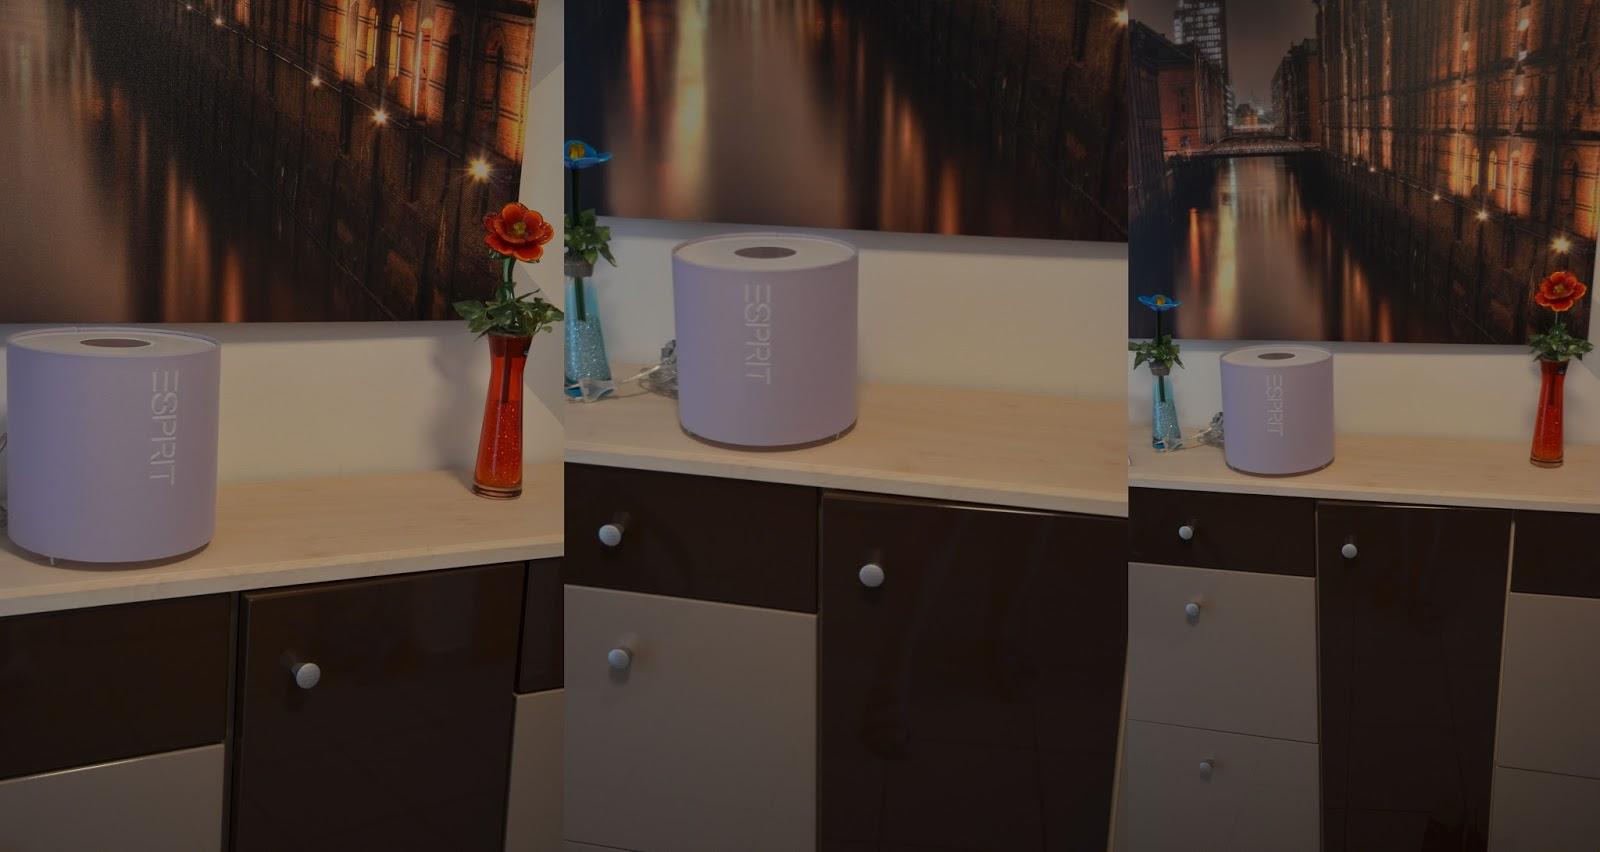 zwillings testlounge moebel esprit tischlampe. Black Bedroom Furniture Sets. Home Design Ideas